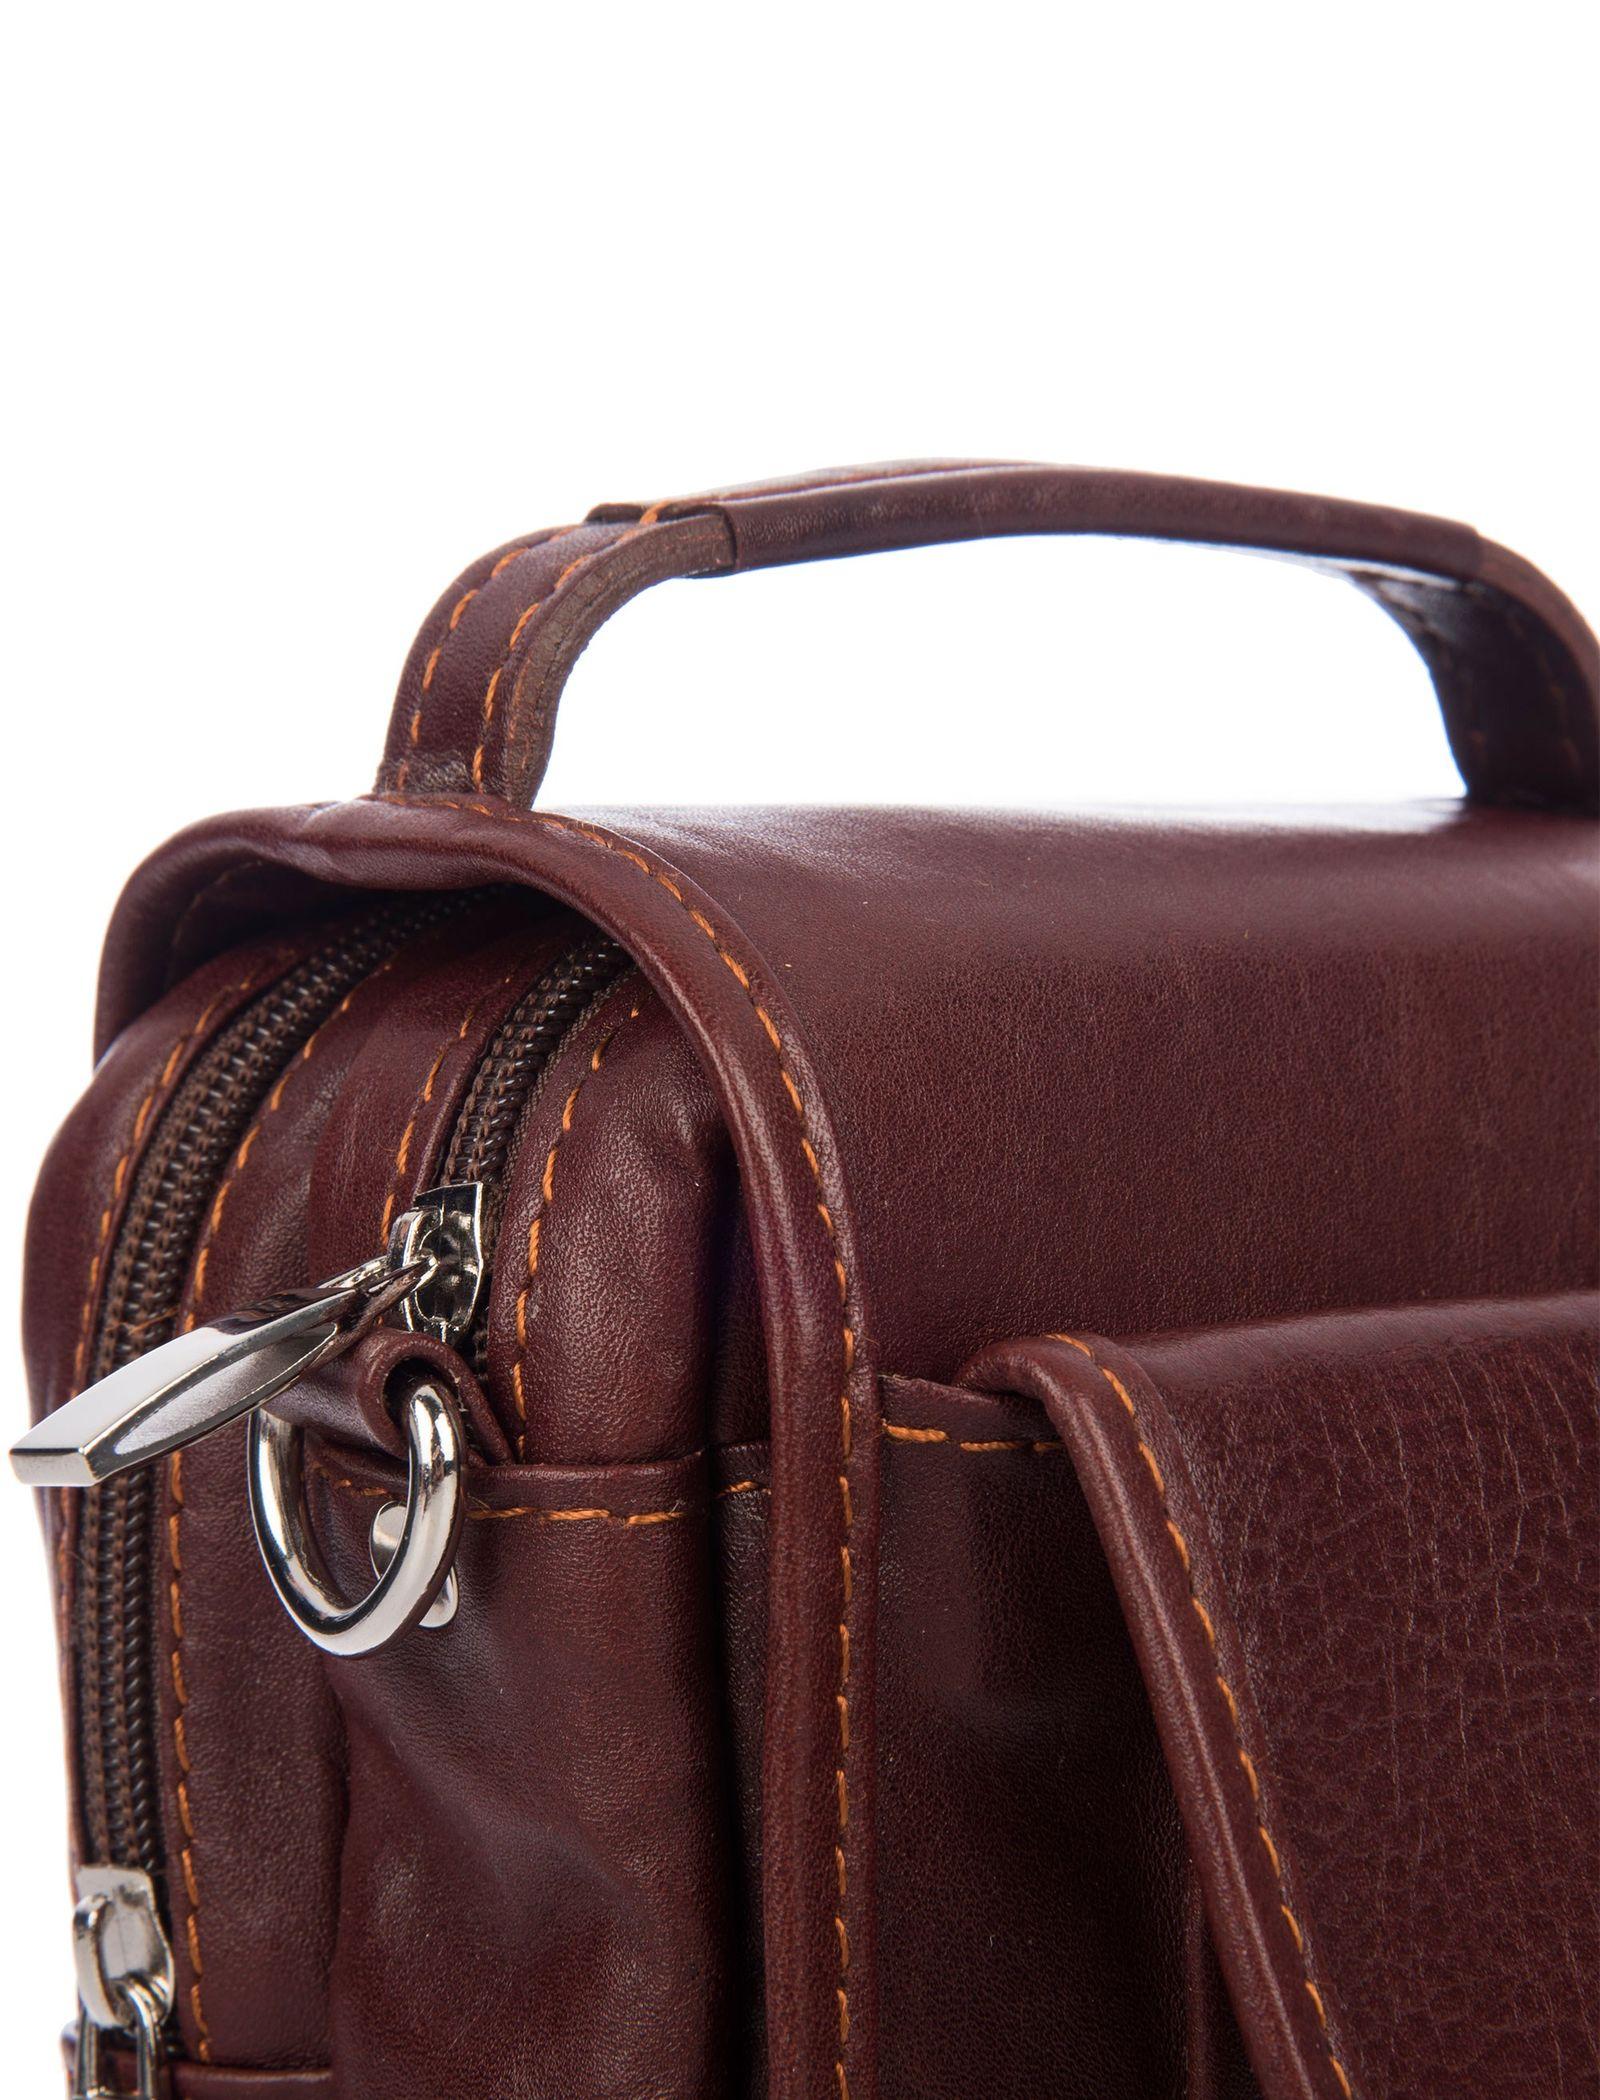 کیف پاسپورتی چرم مردانه - شهر چرم - سماقي - 5